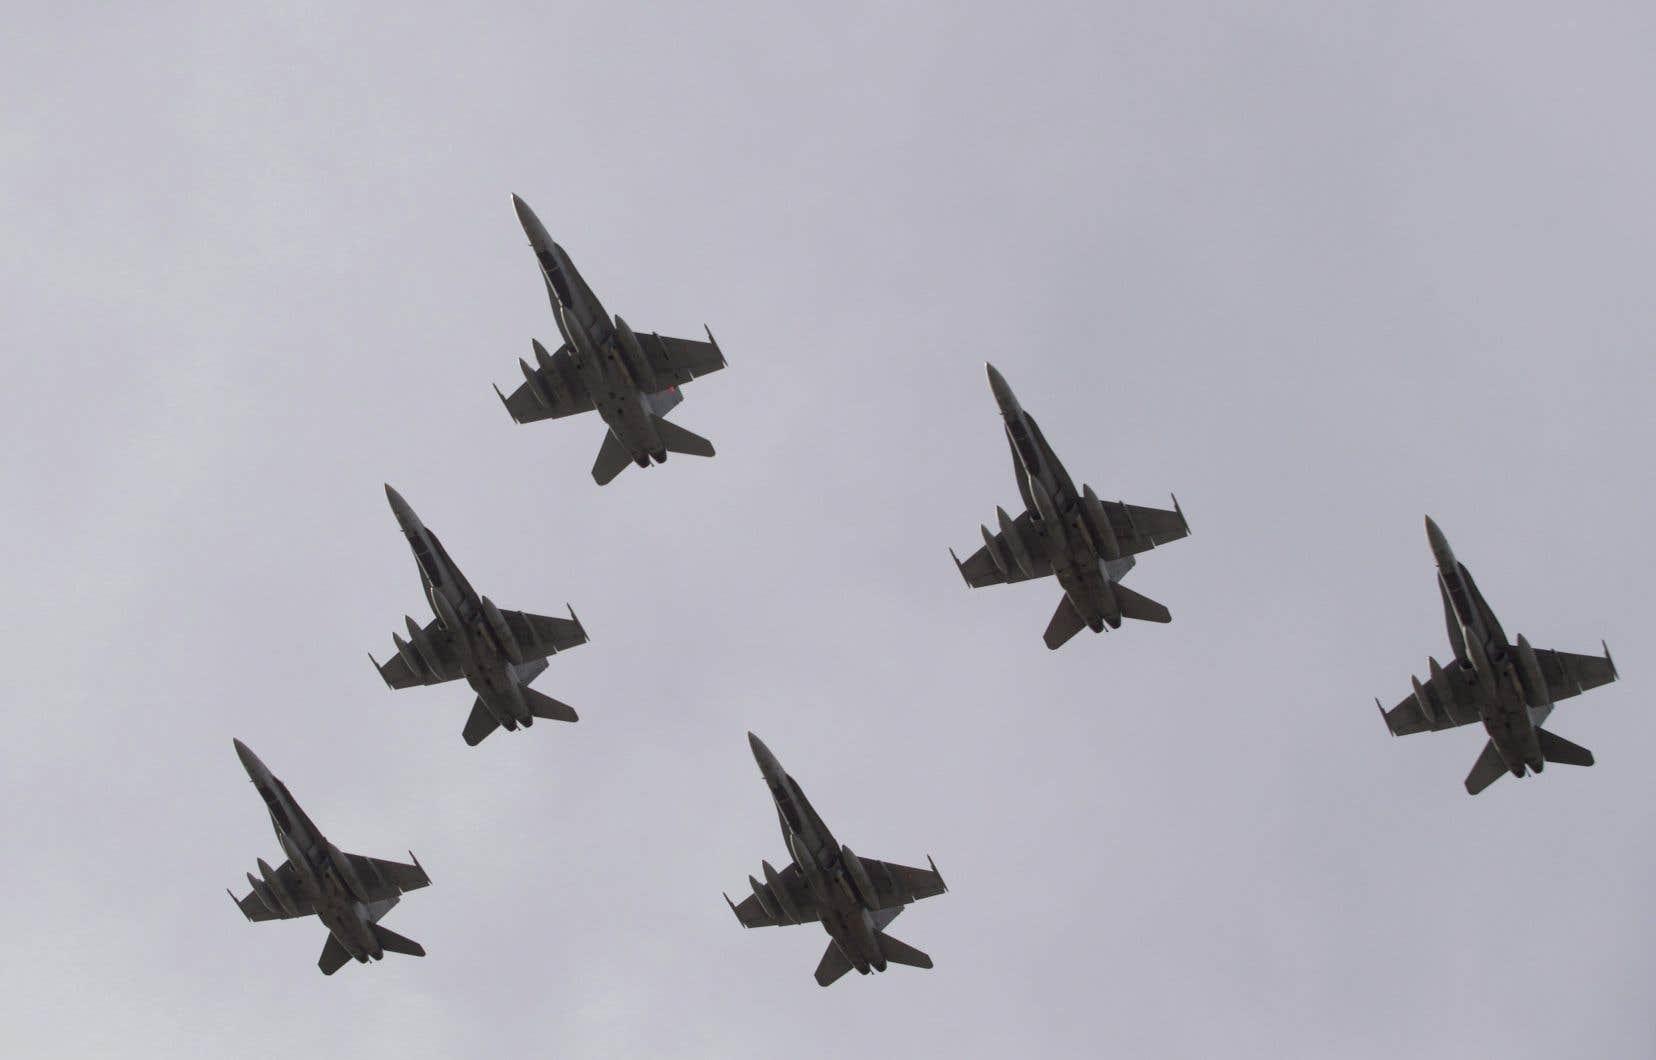 Les 88 chasseurs recherchés par Ottawa remplaceront les CF-18 vieillissants, en service depuis plus de 35 ans.